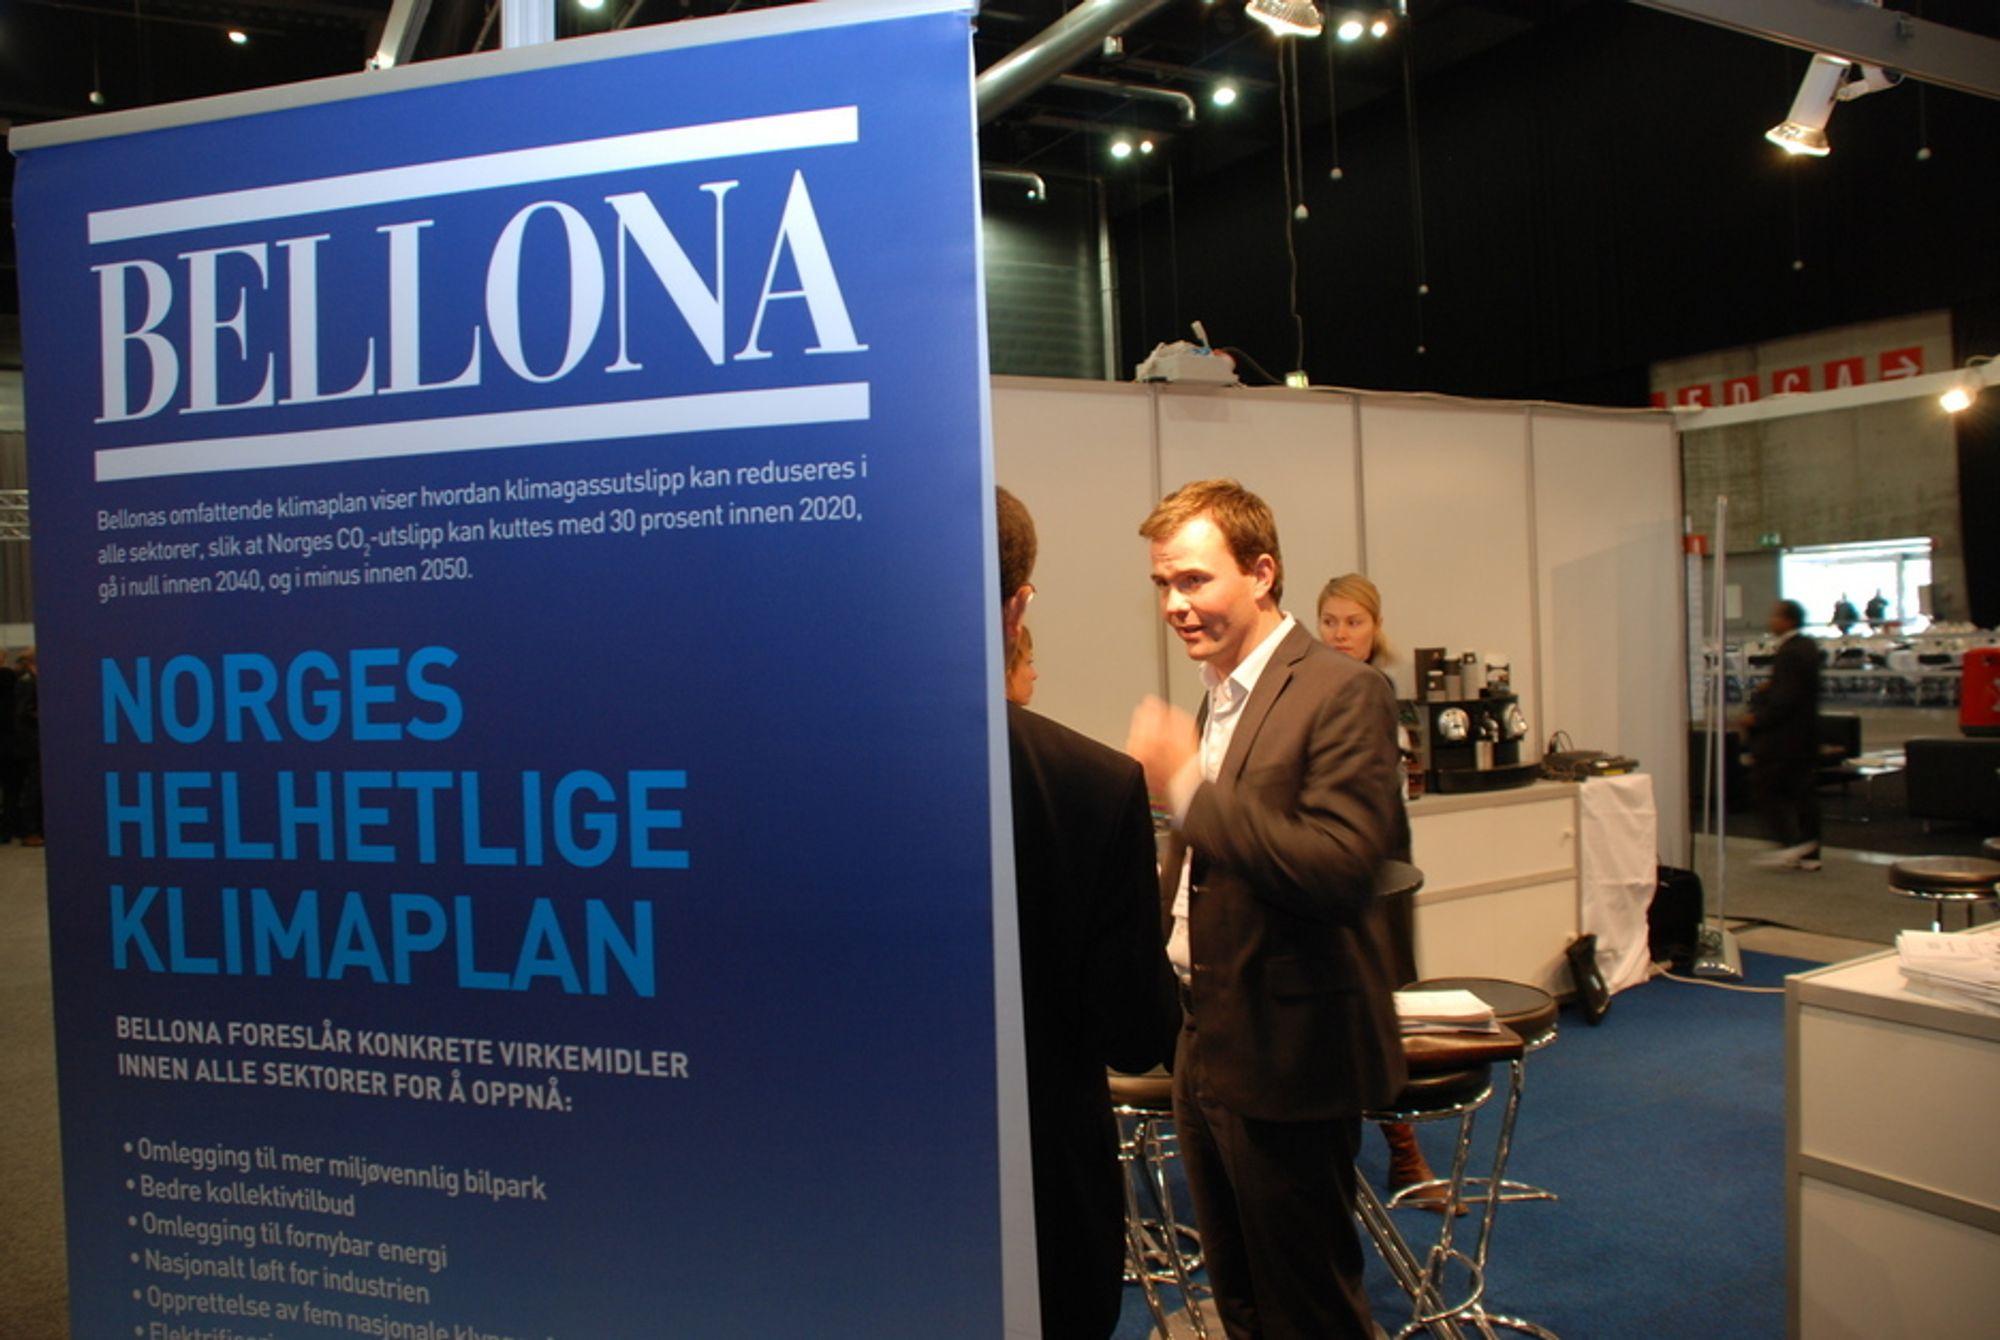 NYE VEIER: Bellonas tidligere nestleder Marius Holm skal hjelpe Burson-Marstellers kunder i kampen for bedre rammevilkår. Selskapet mener at energi og klima er noen av vår tids kjernesaker.